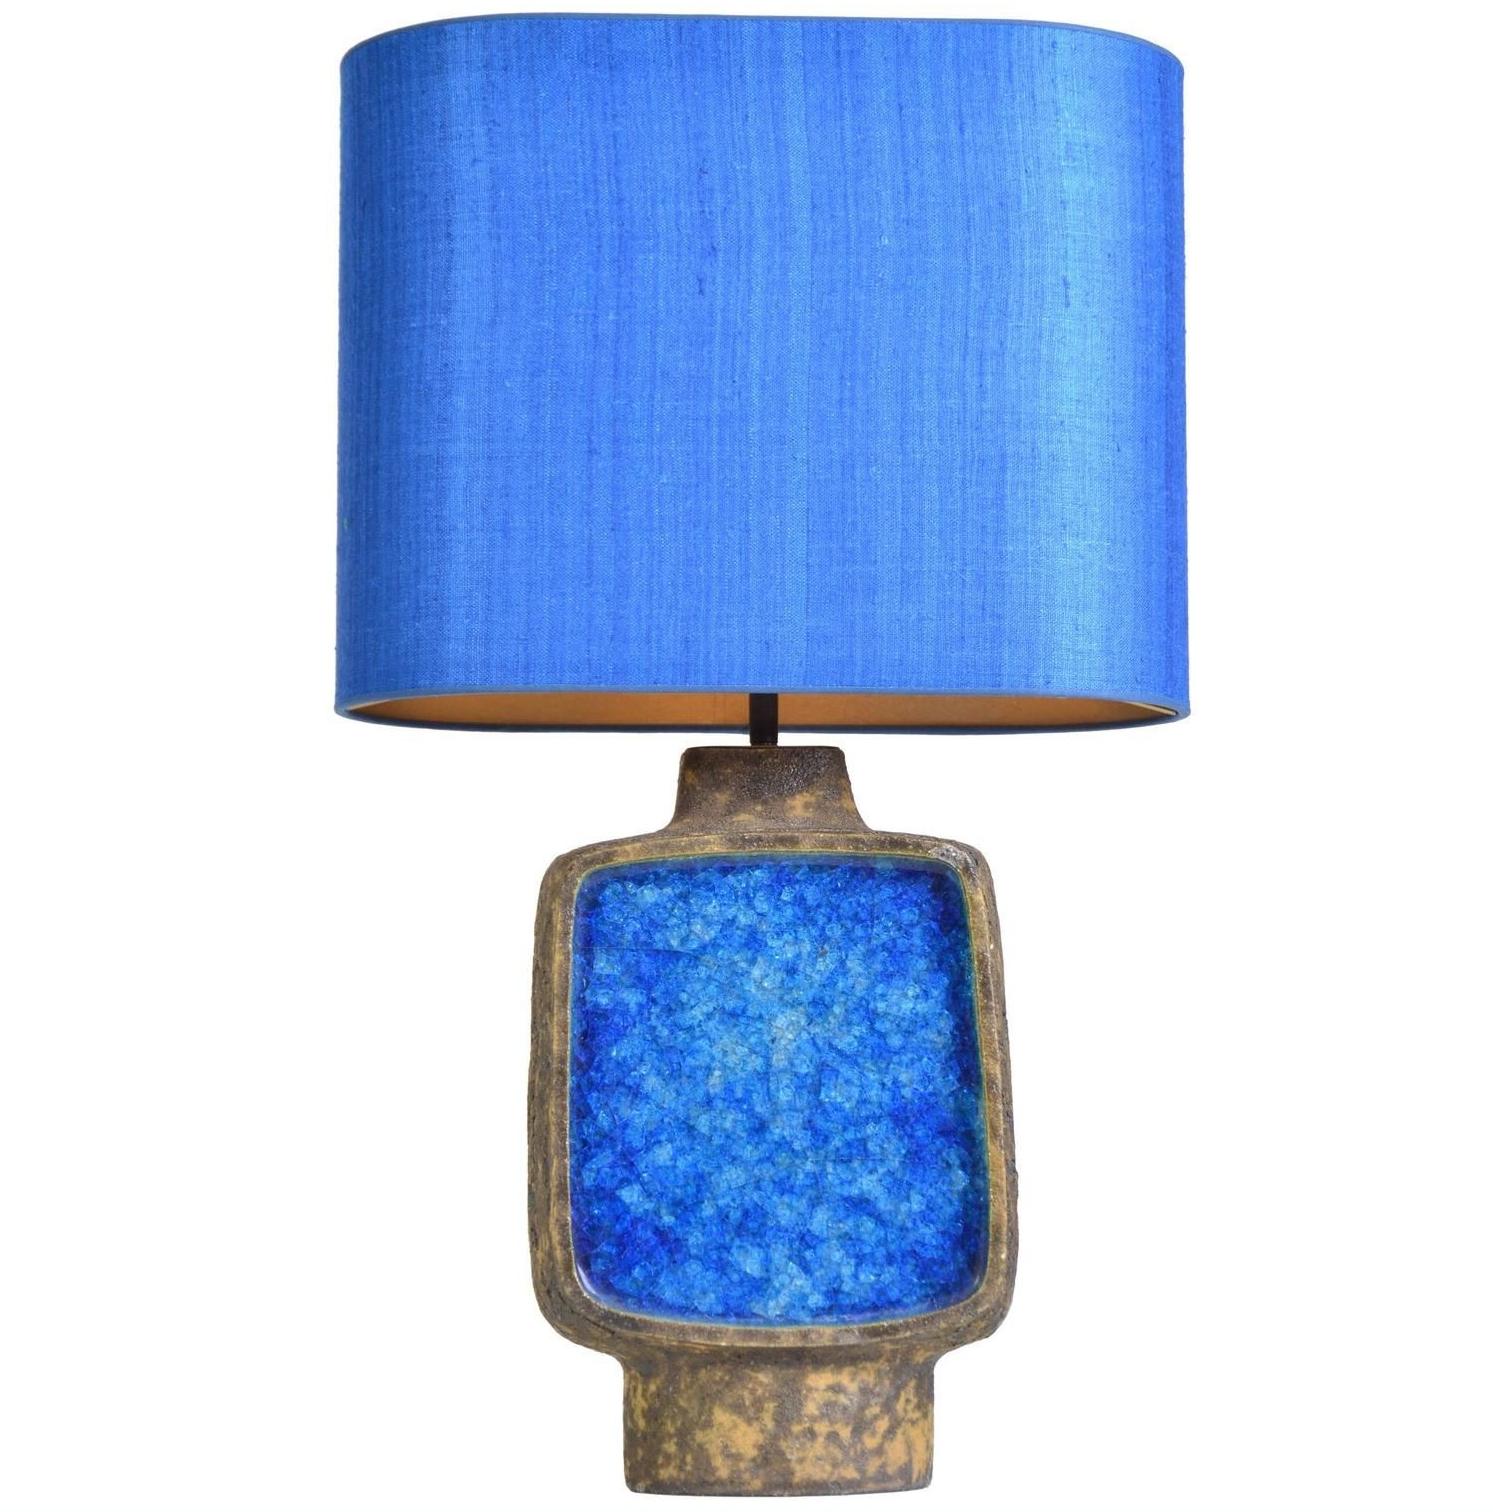 RENE HOUBEN LAMPEN